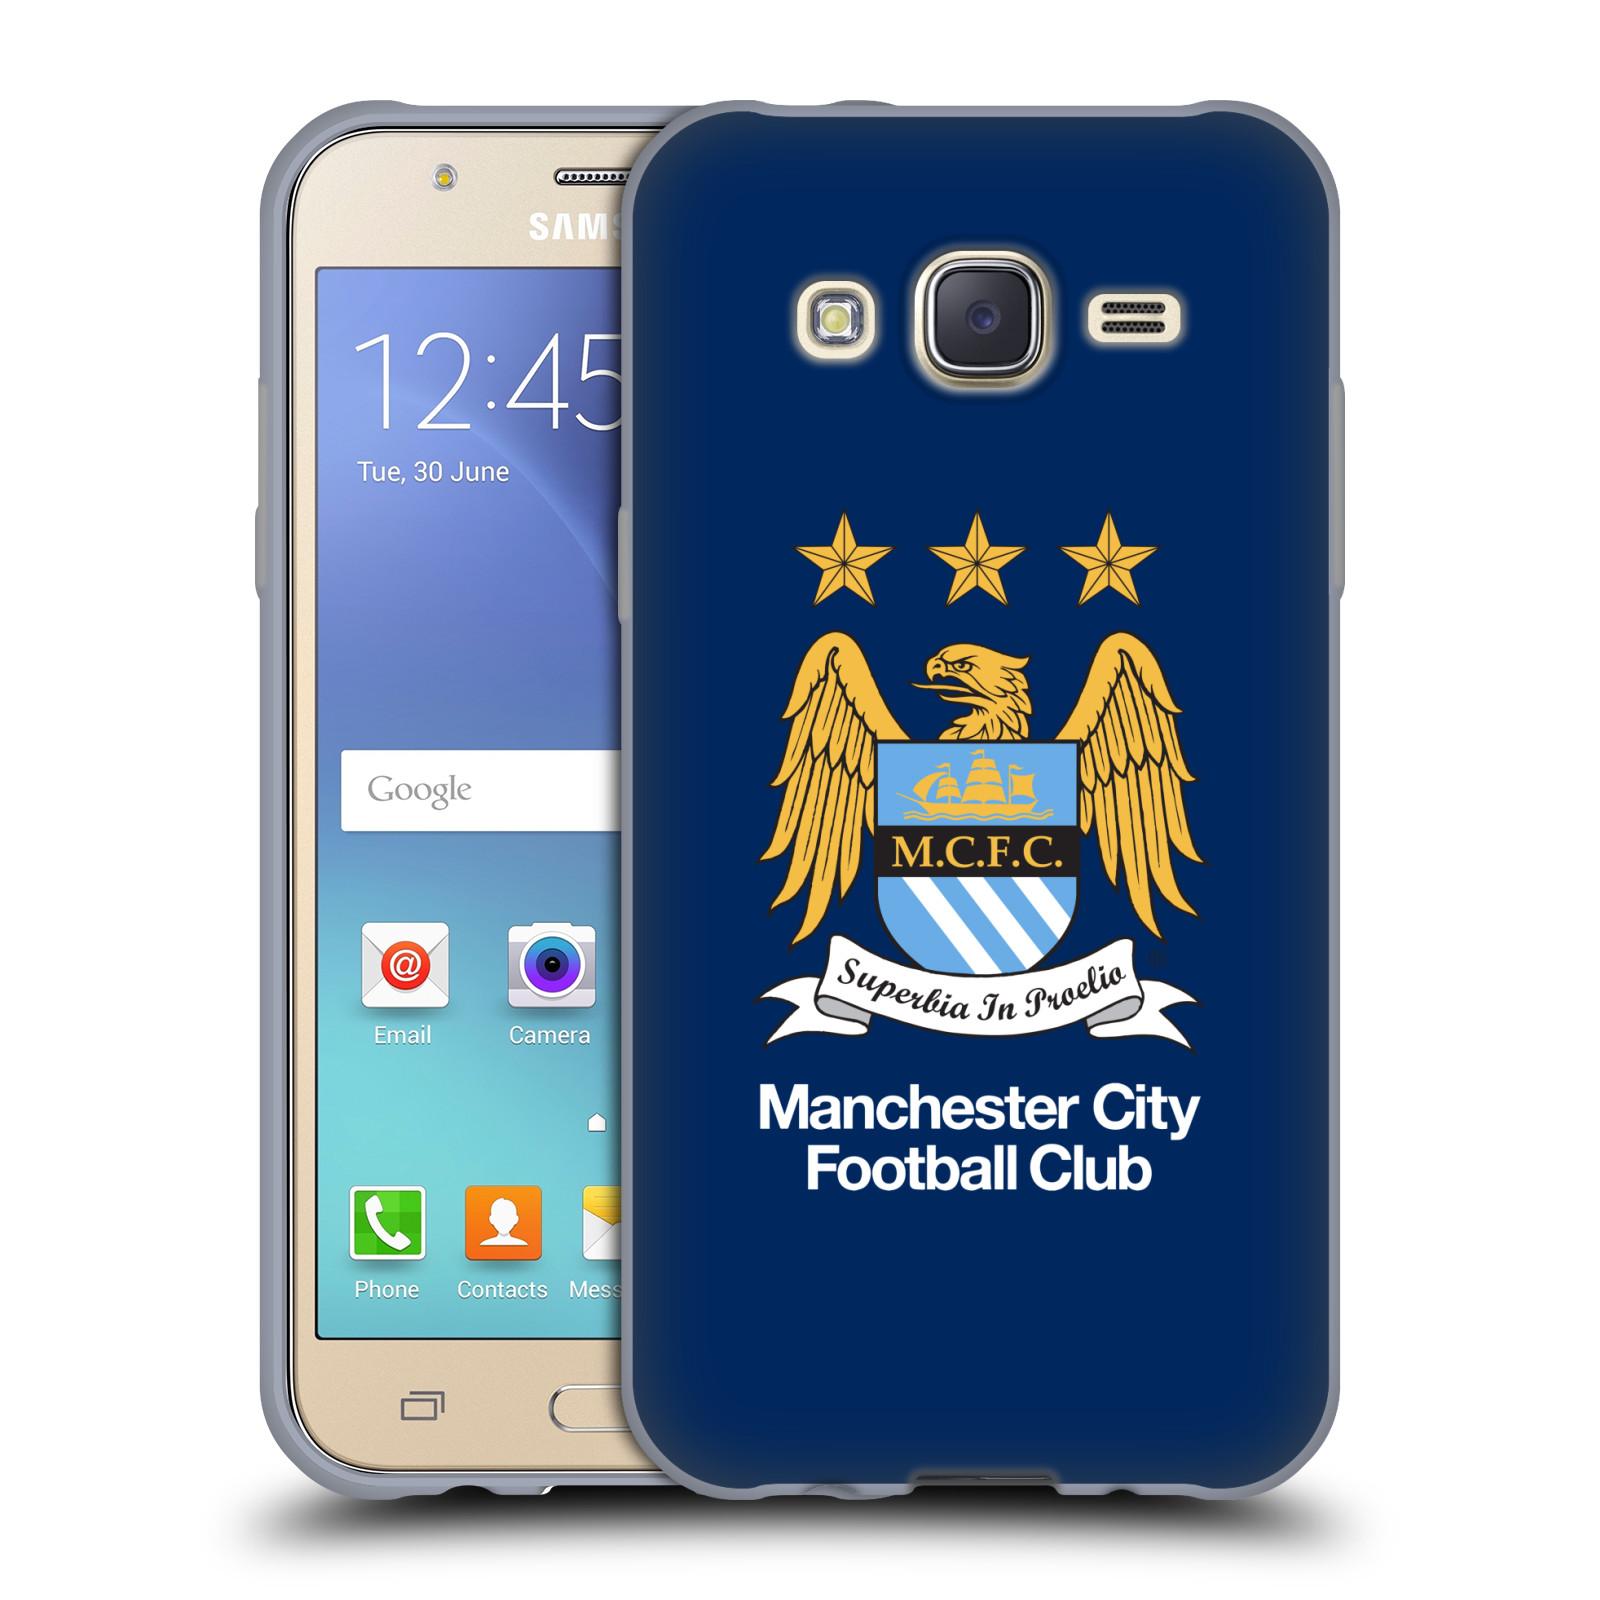 HEAD CASE silikonový obal na mobil Samsung Galaxy J5 2015 (J500) Fotbalový klub Manchester City modré pozadí velký znak